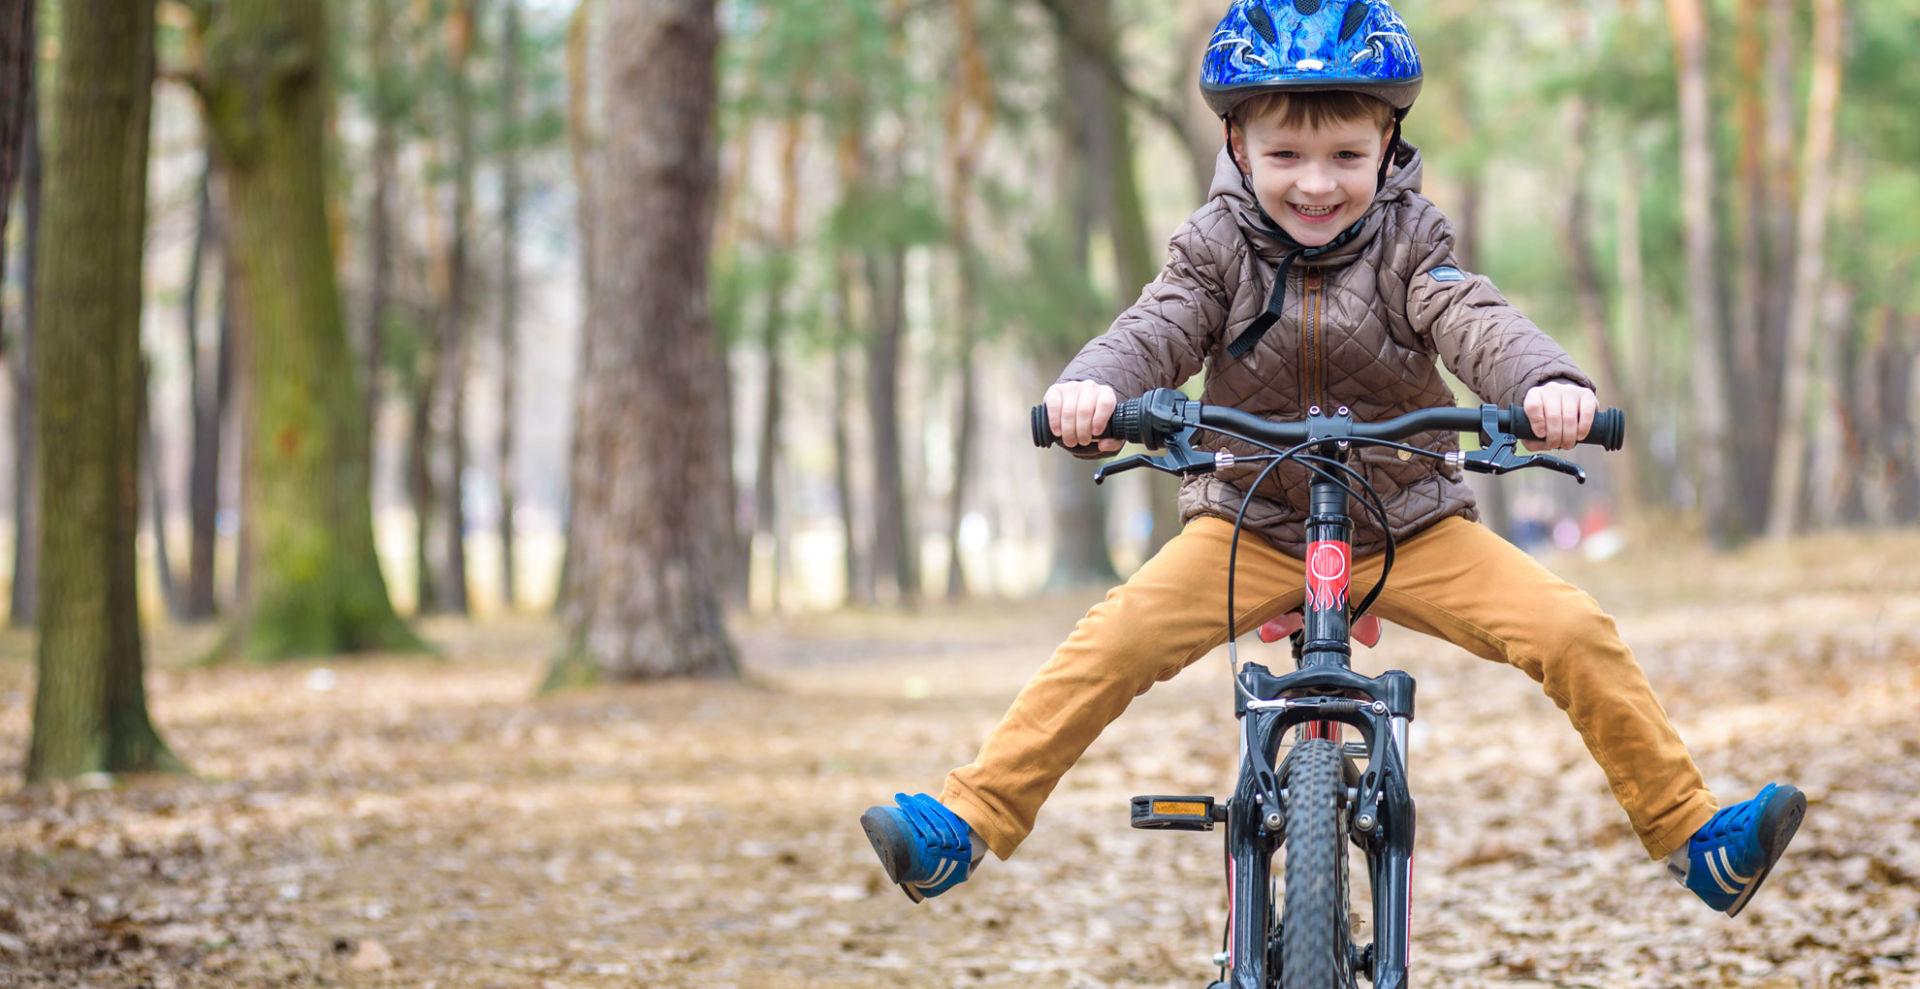 pieni poika ajaa polkupyörällä metsässä